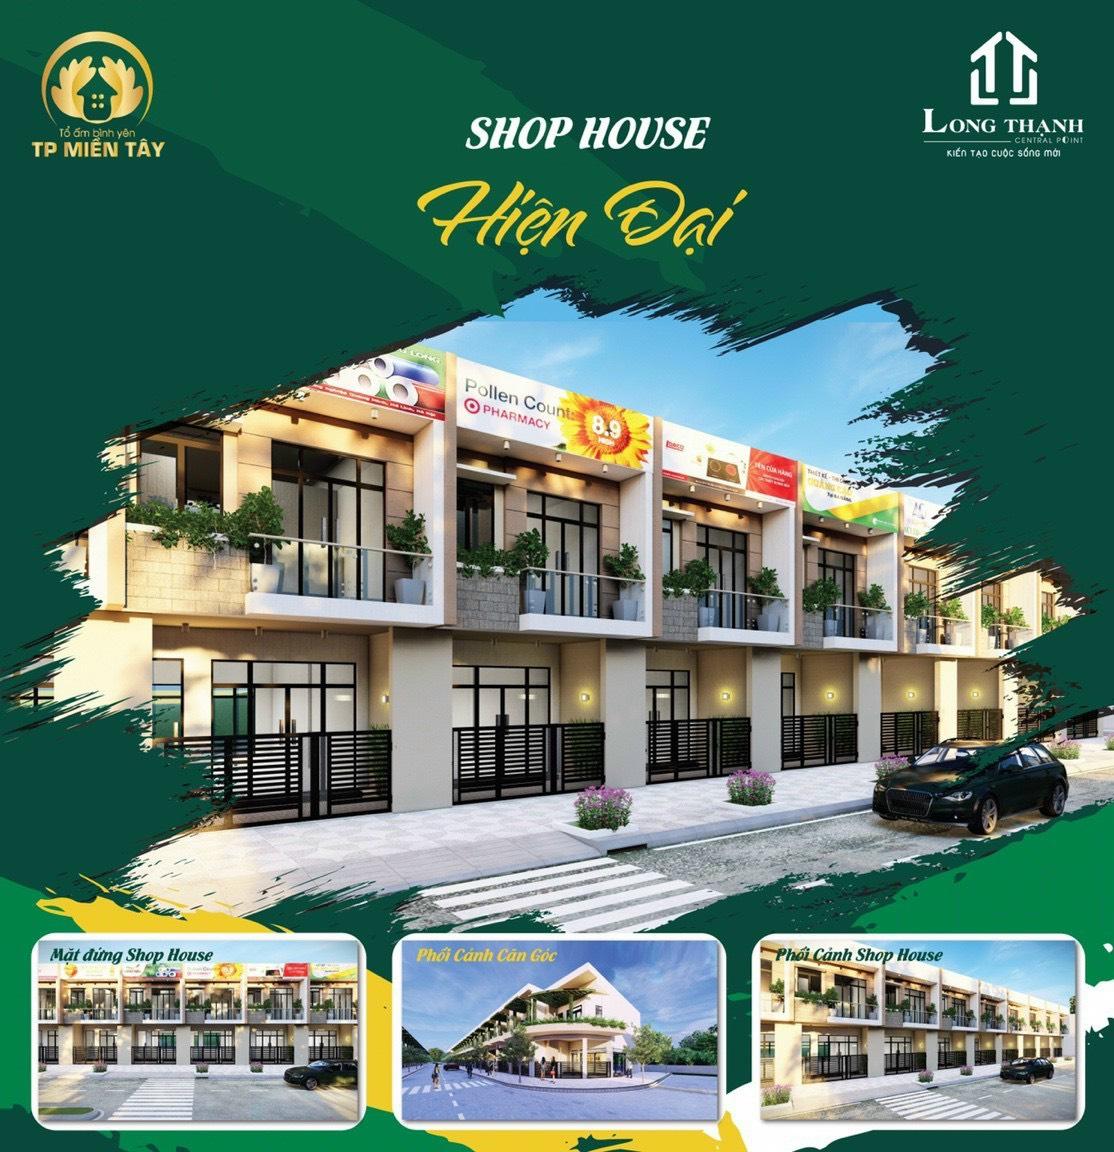 Cần bán Nhà mặt tiền đường Quốc lộ 1A, Xã Long Thạnh, Diện tích 70m², Giá 1400 Triệu